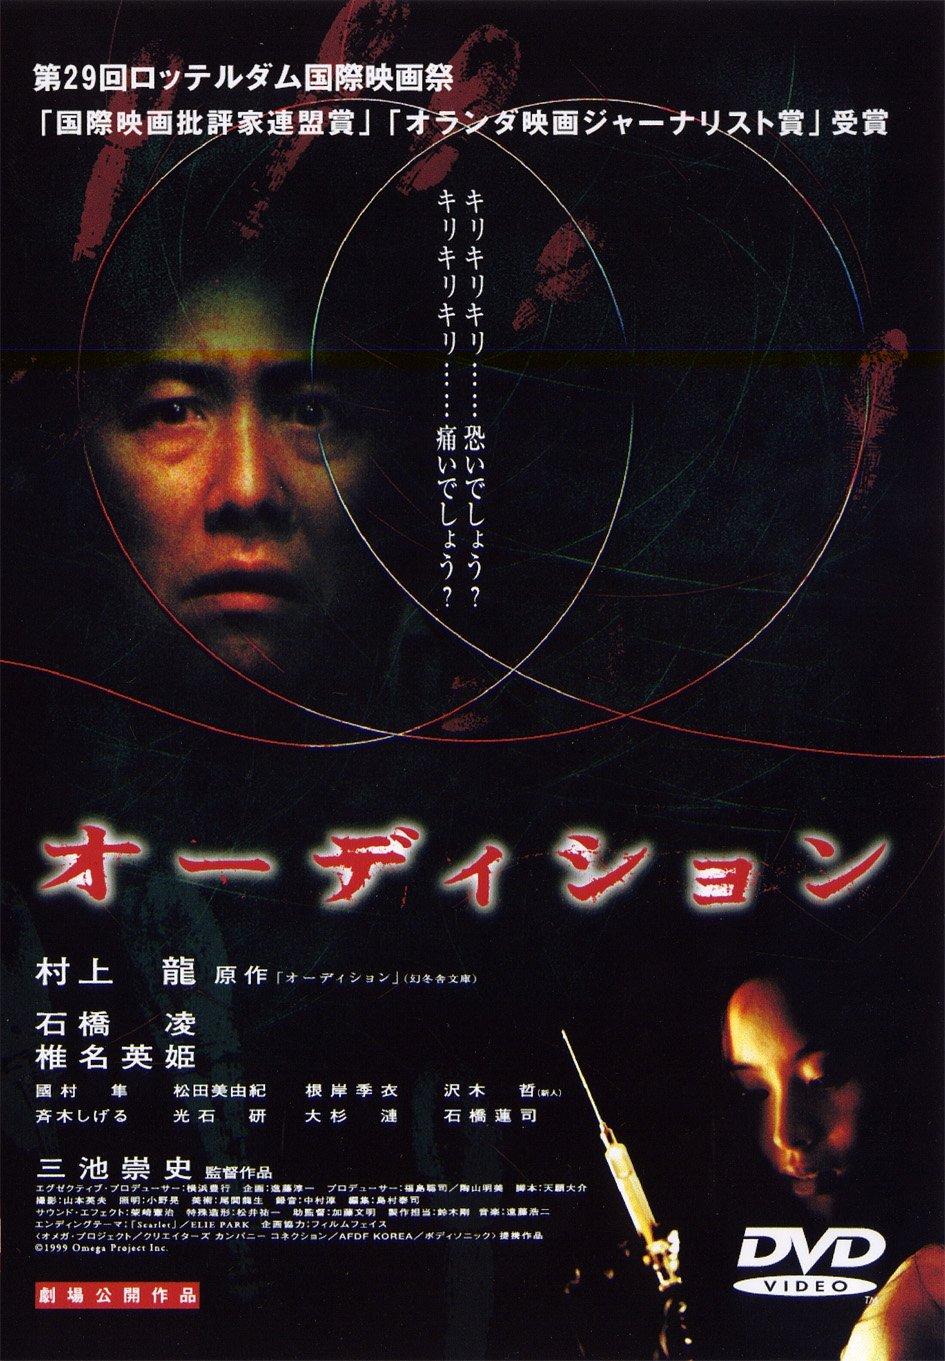 おすすめホラー映画⑲『オーディション』